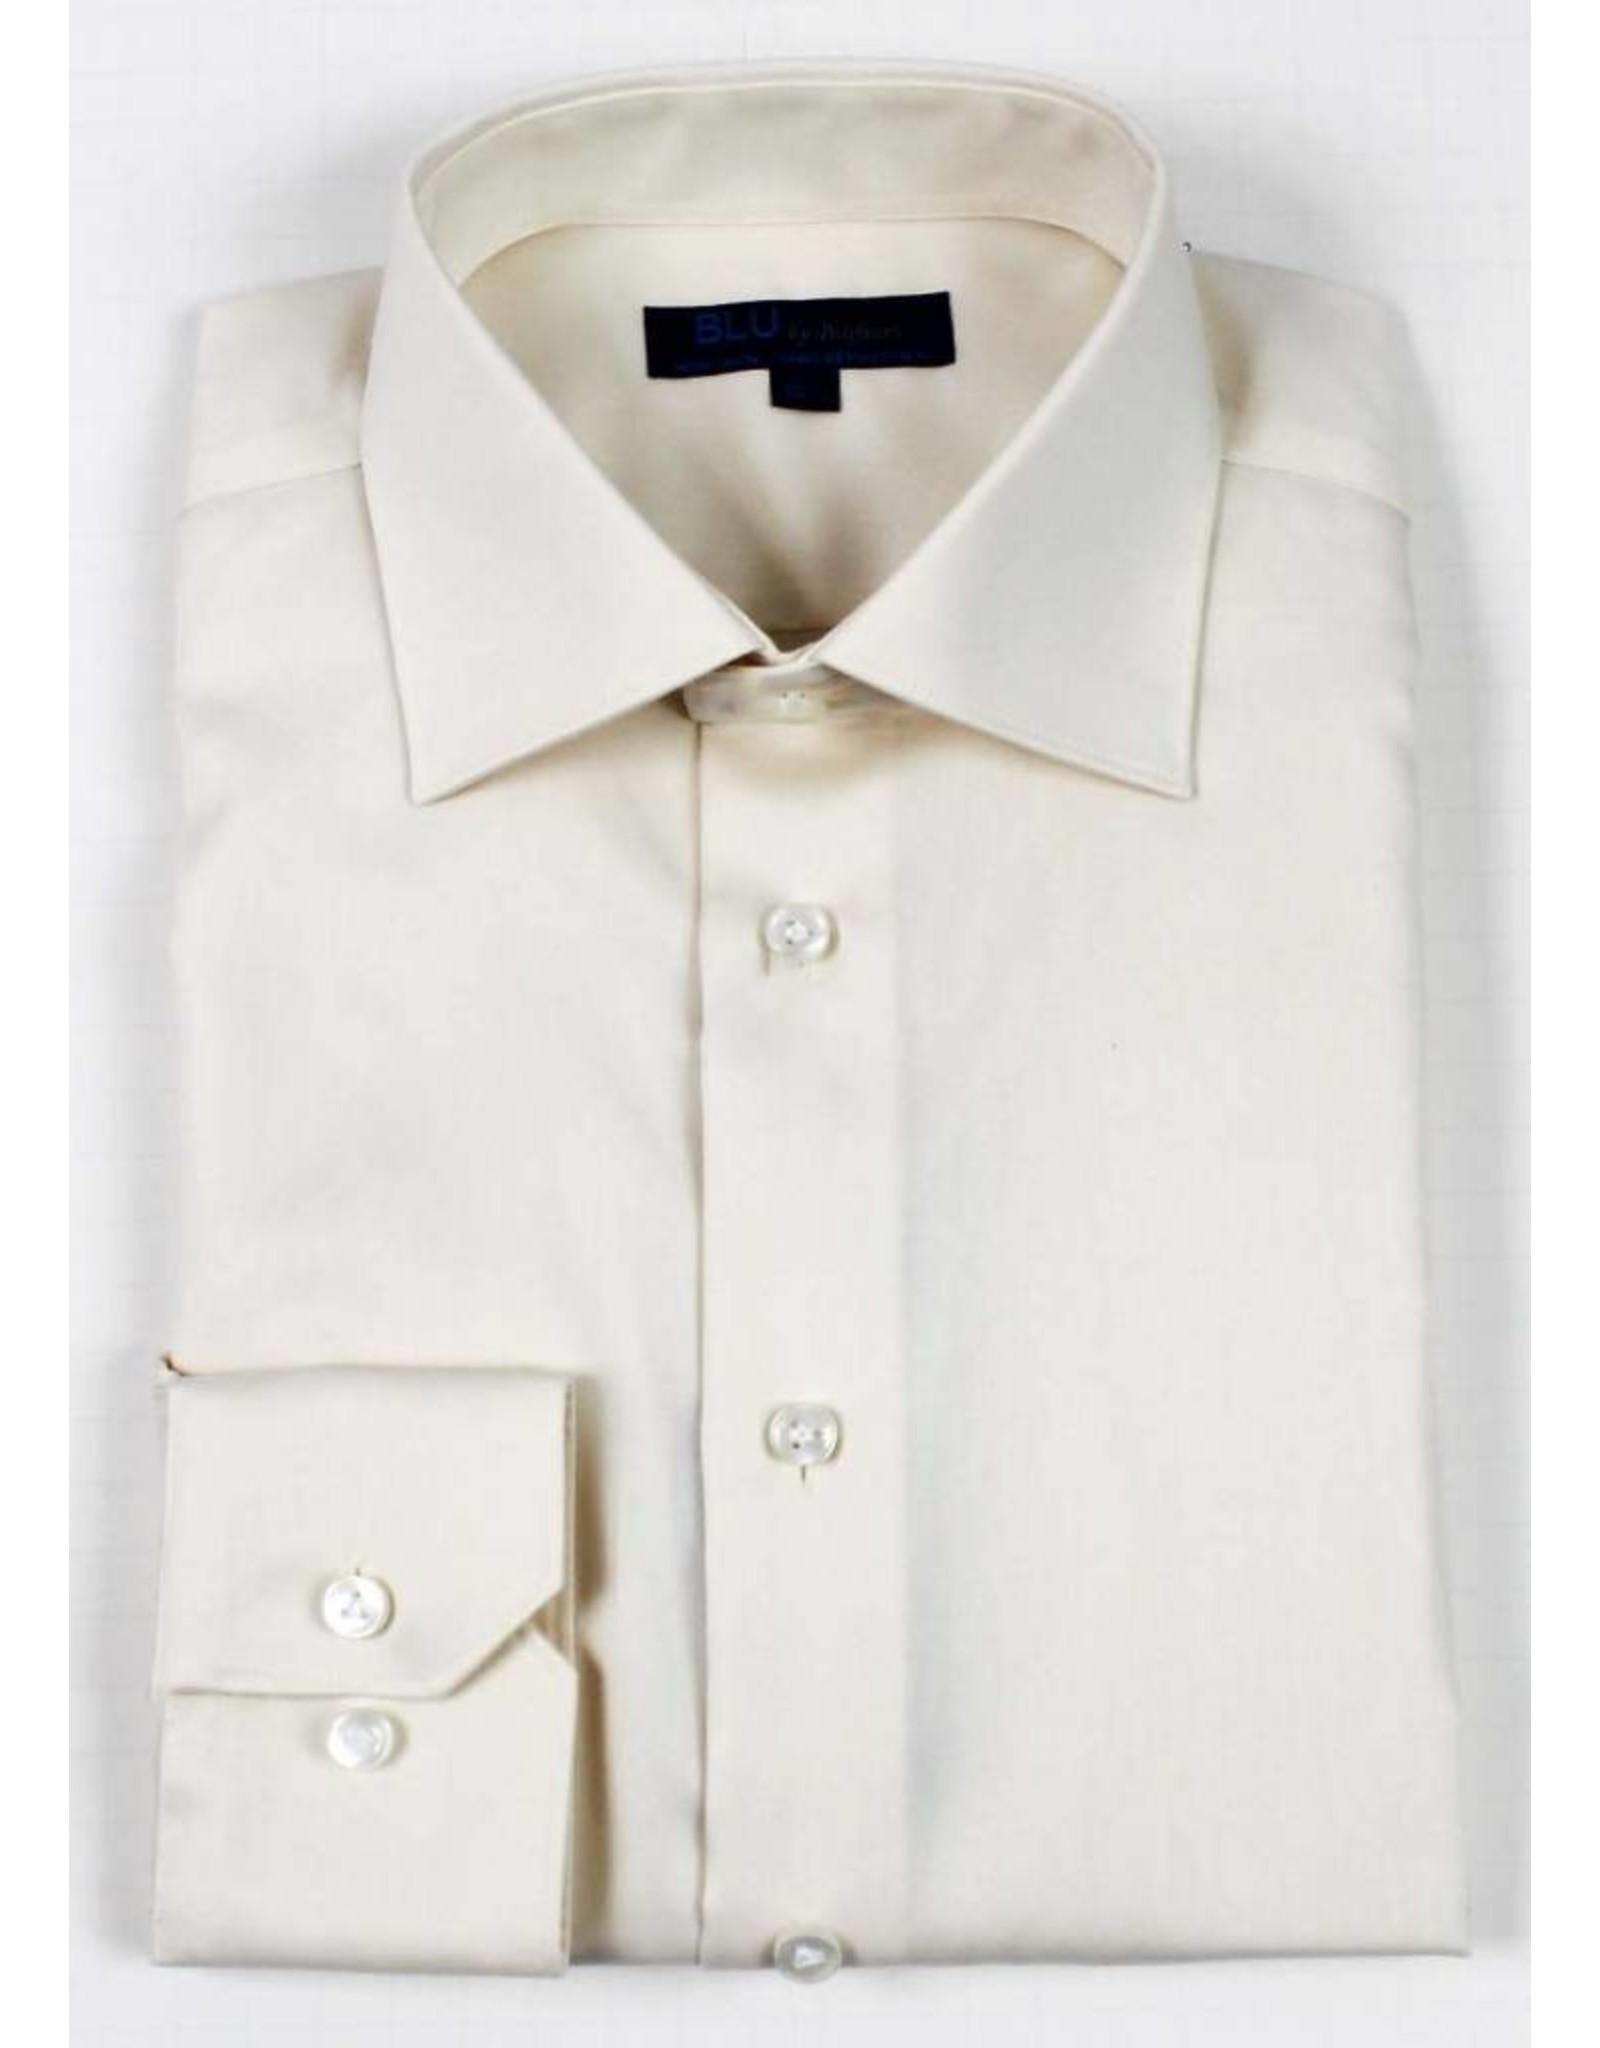 Polifroni Polifroni Dress Shirt BLU-360